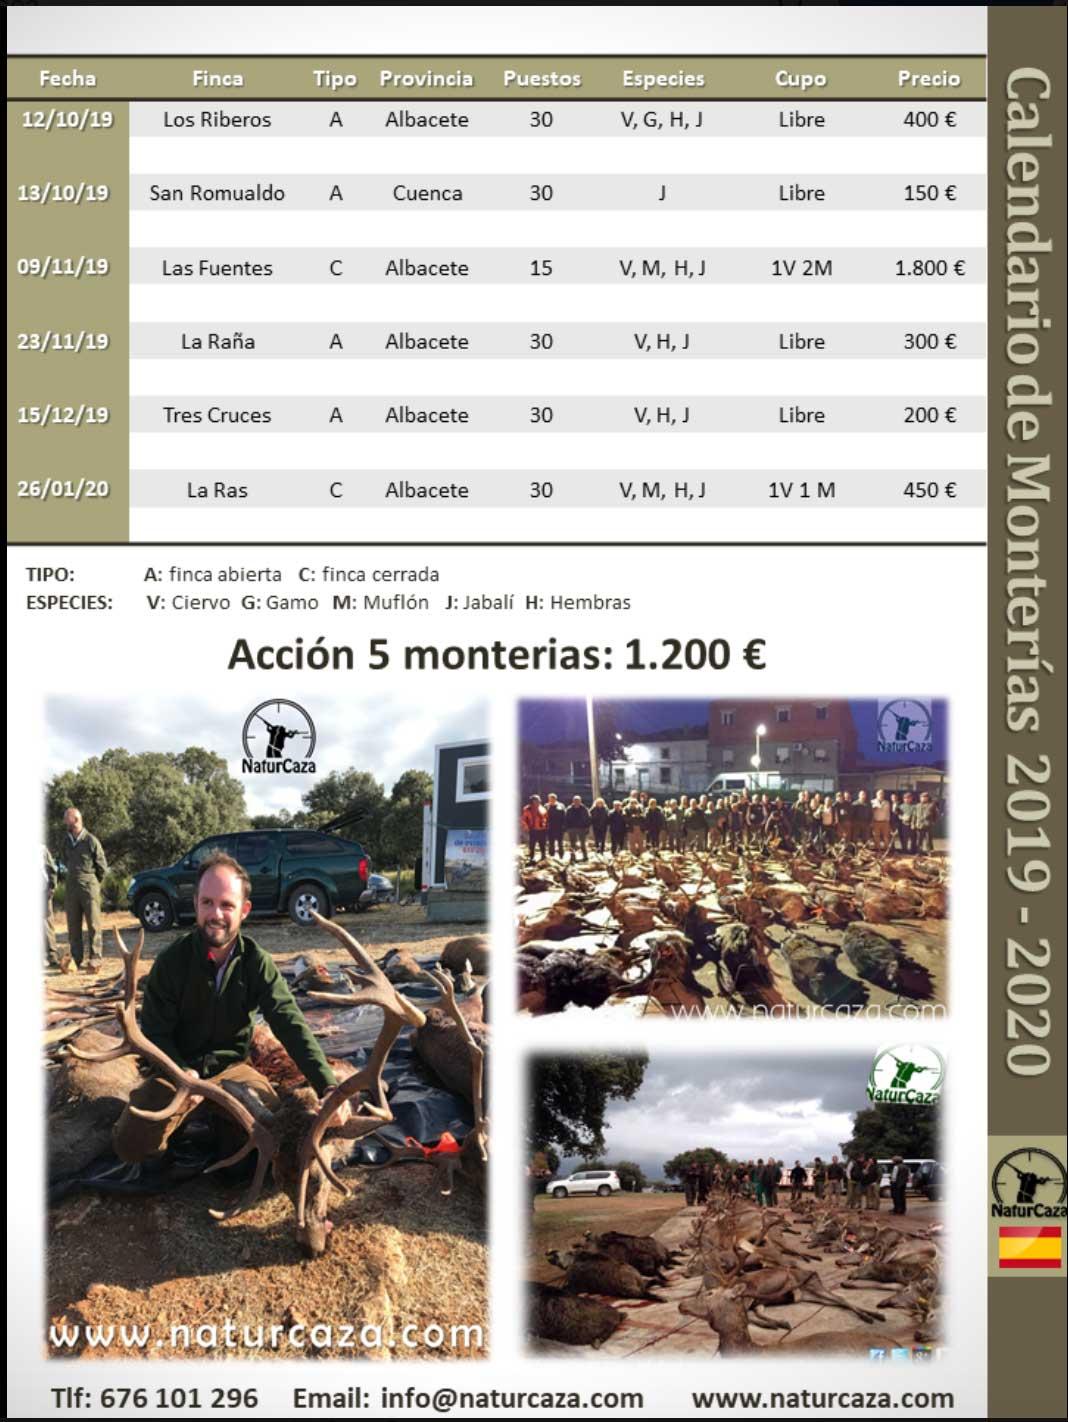 Programa Monterias Naturcaza